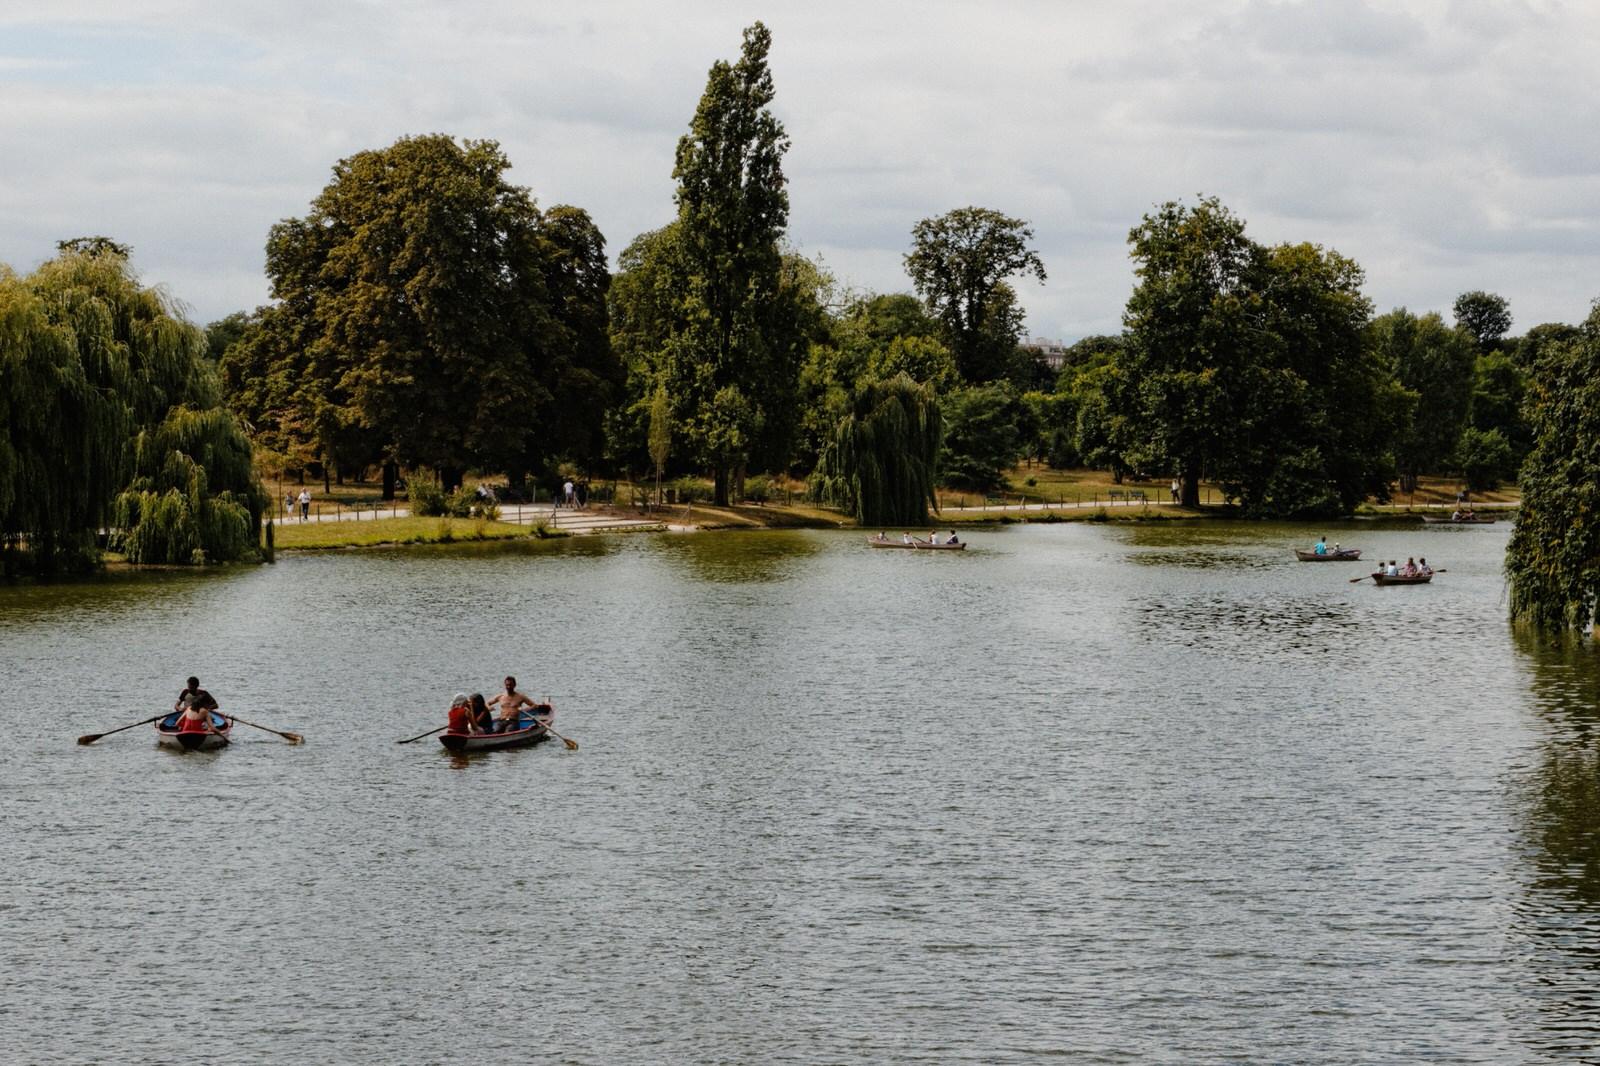 Lake at Bois de Vincennes, Paris